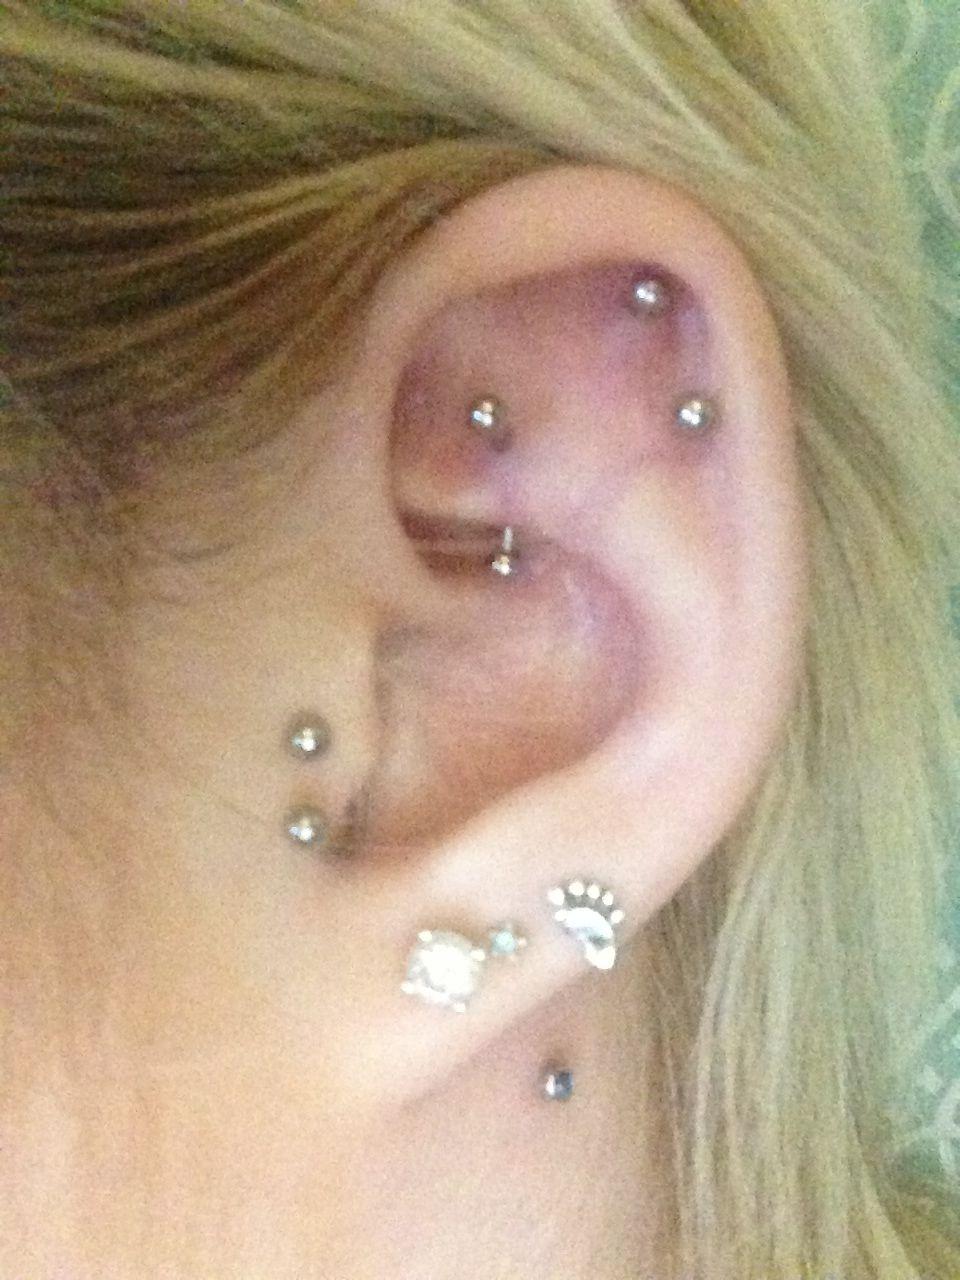 Cute lip piercing ideas  Neck piercing ear piercings  Earrings  Pinterest  Plugs Beauty